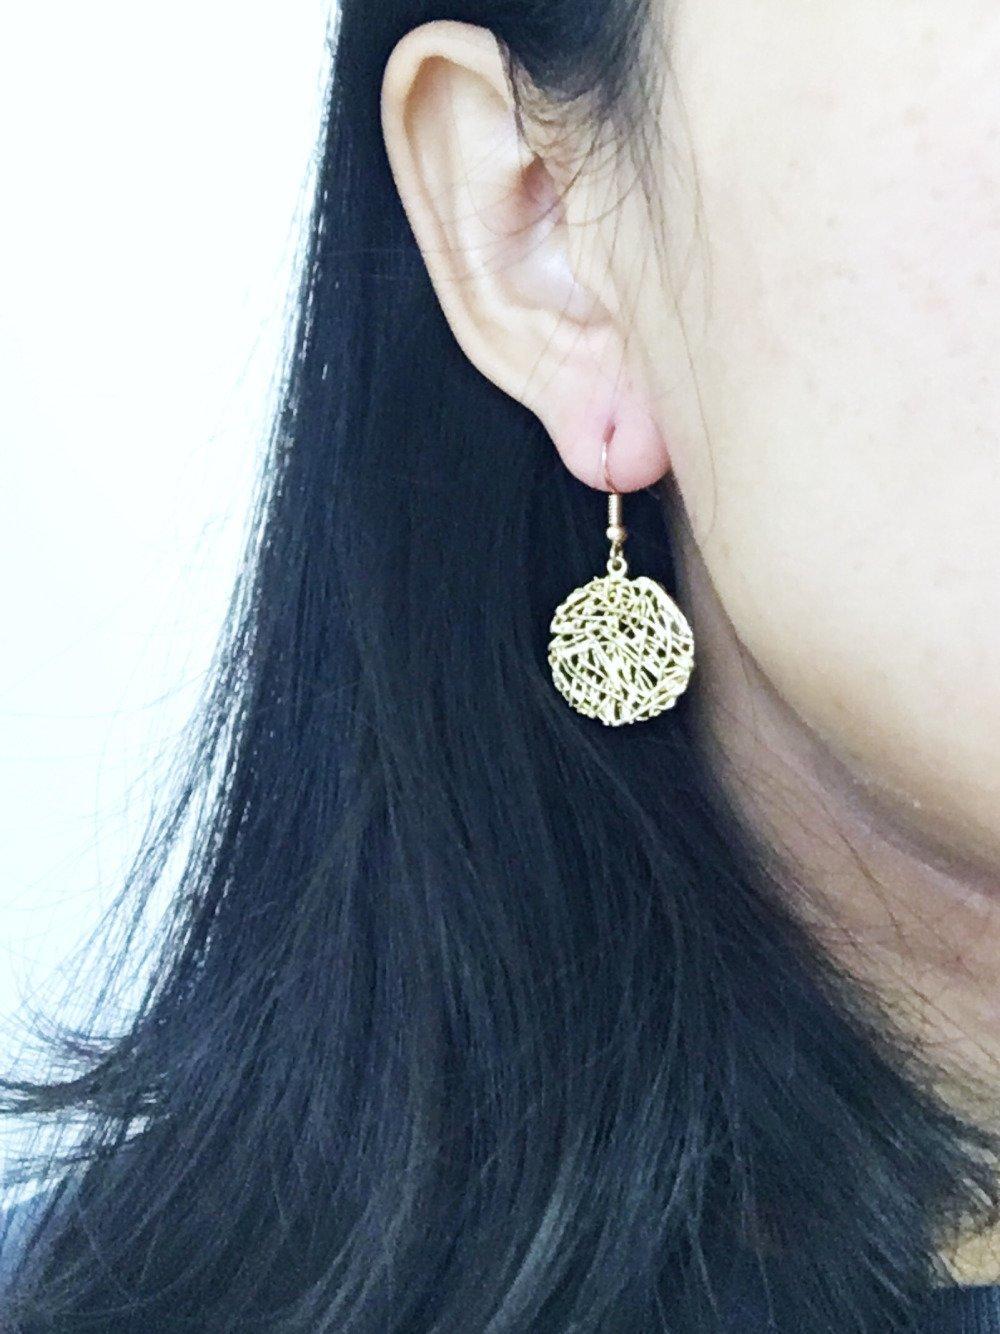 Collection GoldDrop / Boucles d'oreilles Rose Dorée Cercle / Bohème Chic Boucles d oreilles / Bijoux Art Nouveau / Cadeau / Pour Elle